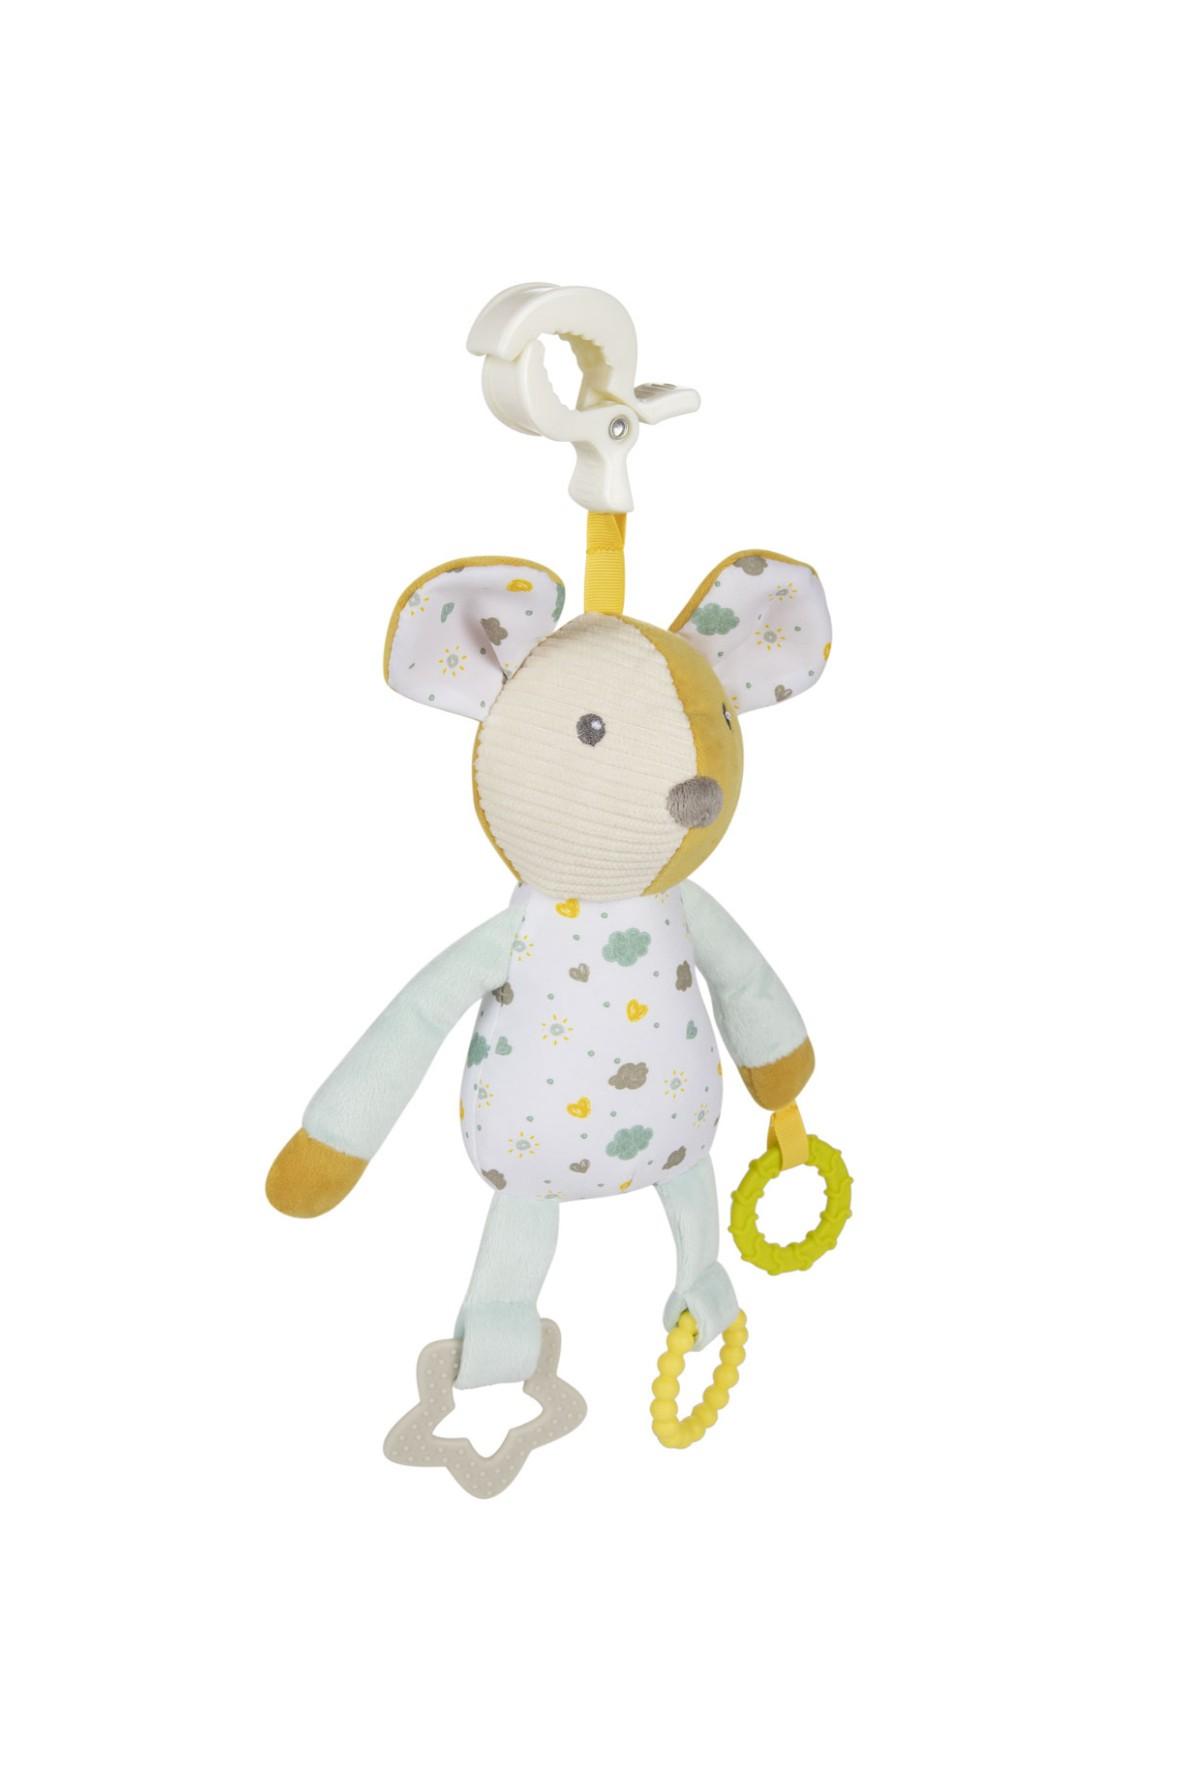 Pluszowa przytulanka dla niemowląt z gryzakami- Myszka wiek 0+